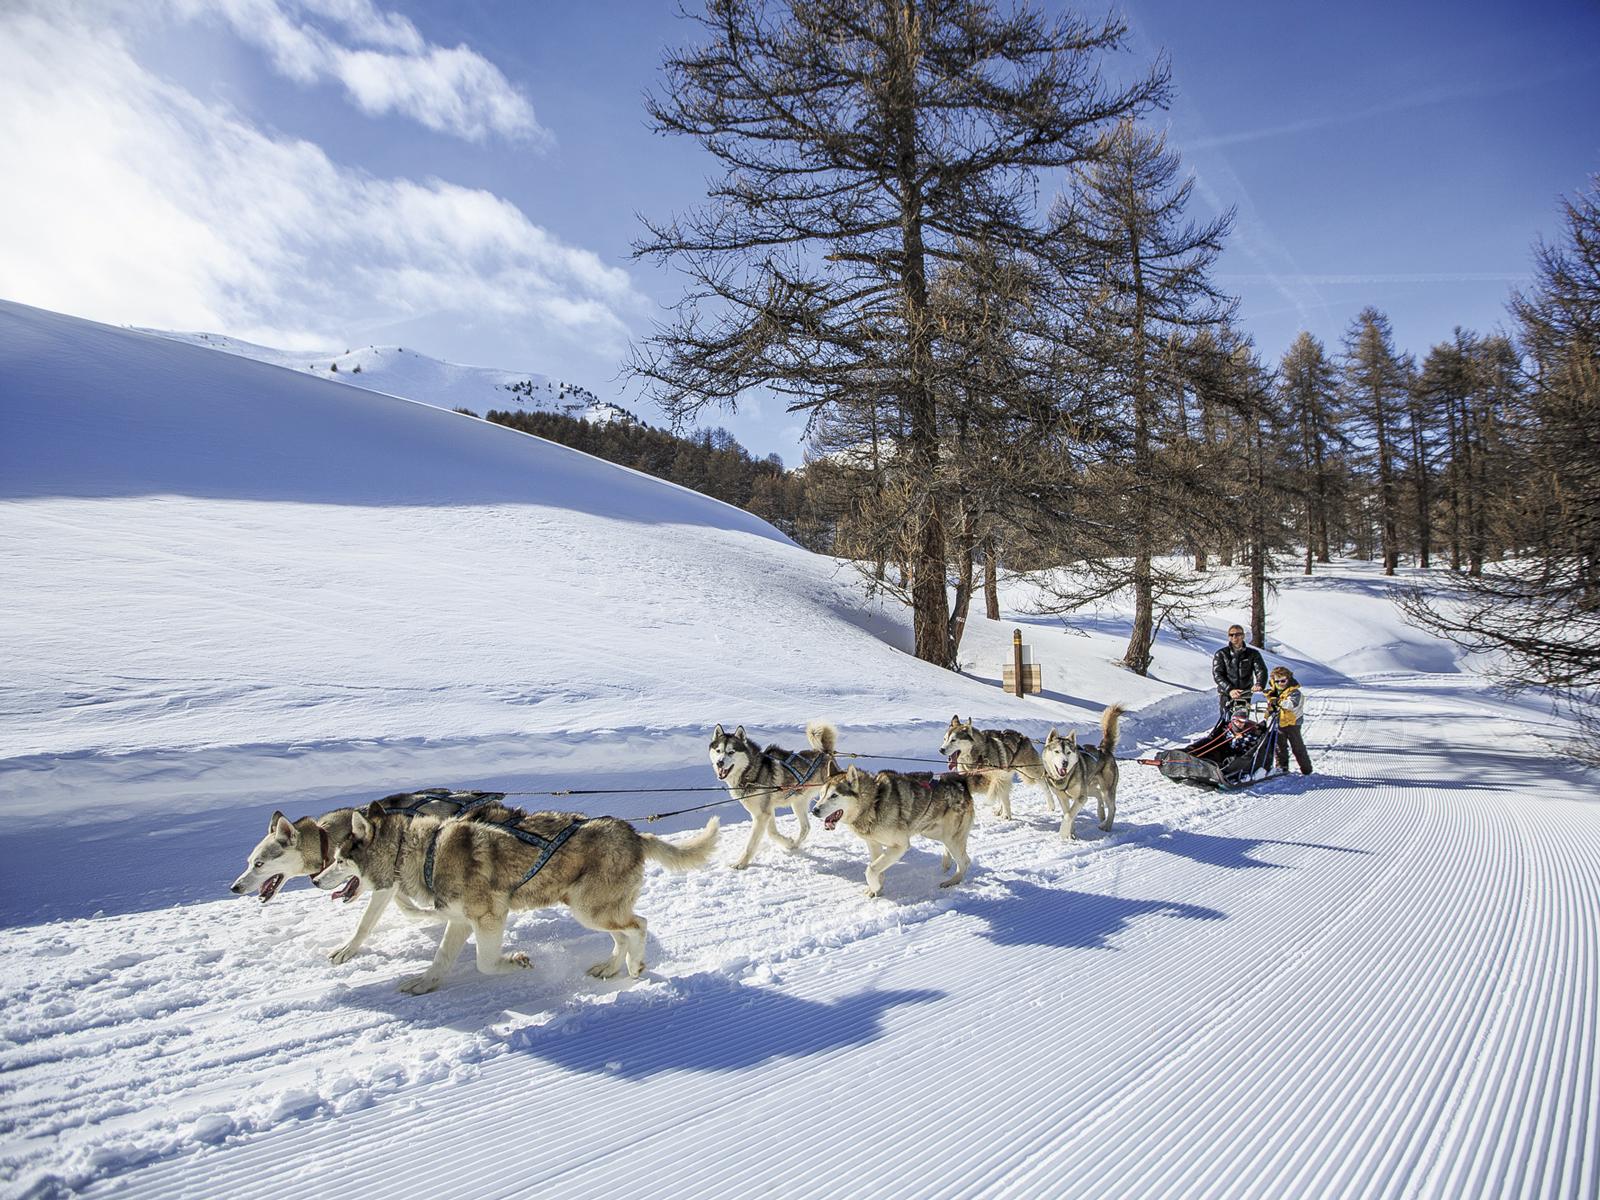 sur-les-pistes-de-ski-vars-la-foret-blanche-balade-en-chien-de-traineau-www-scalpfoto-com